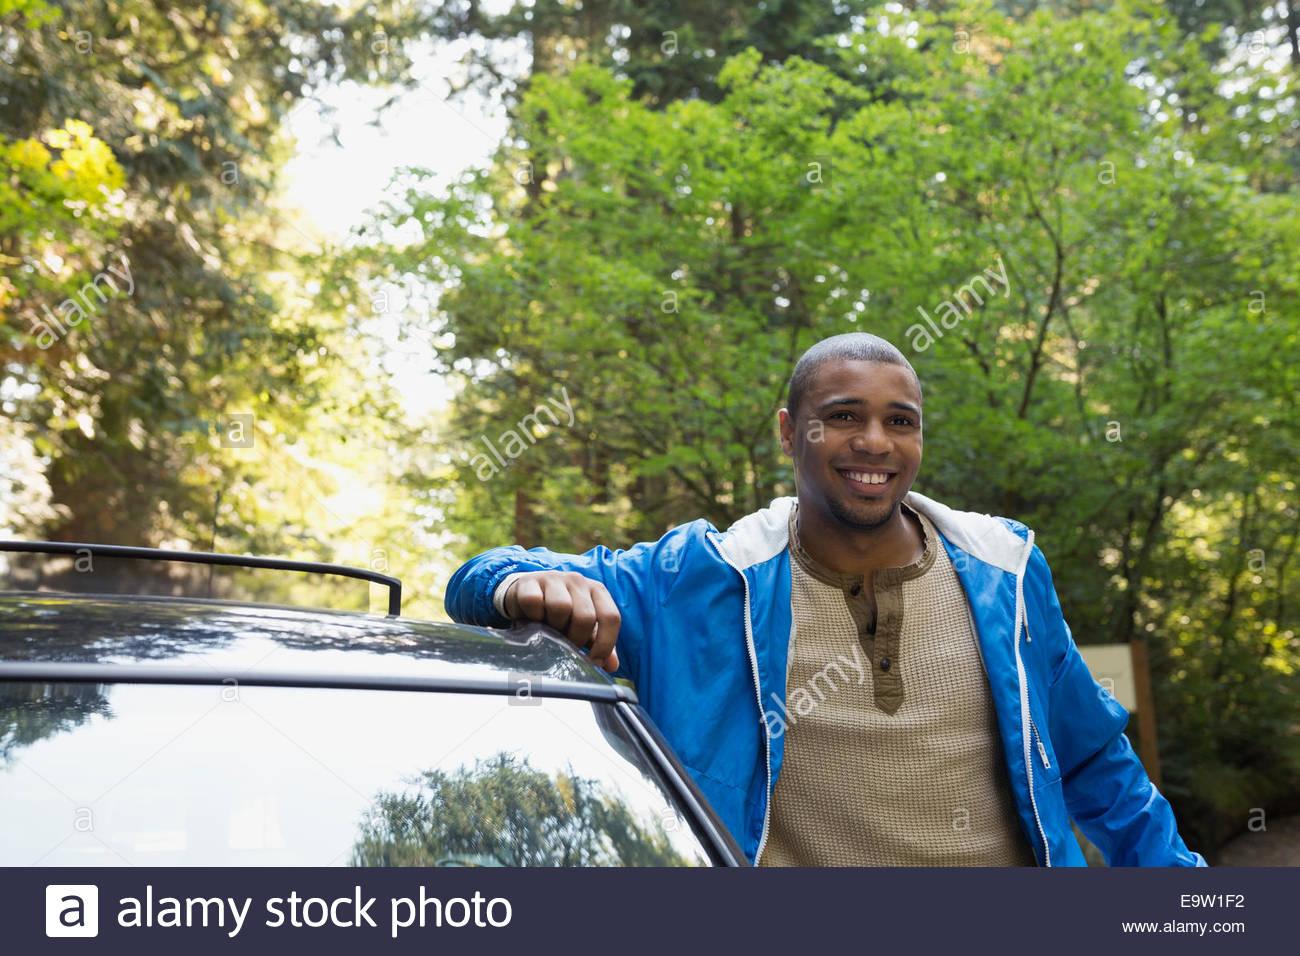 Uomo sorridente appoggiato contro auto nei boschi Immagini Stock